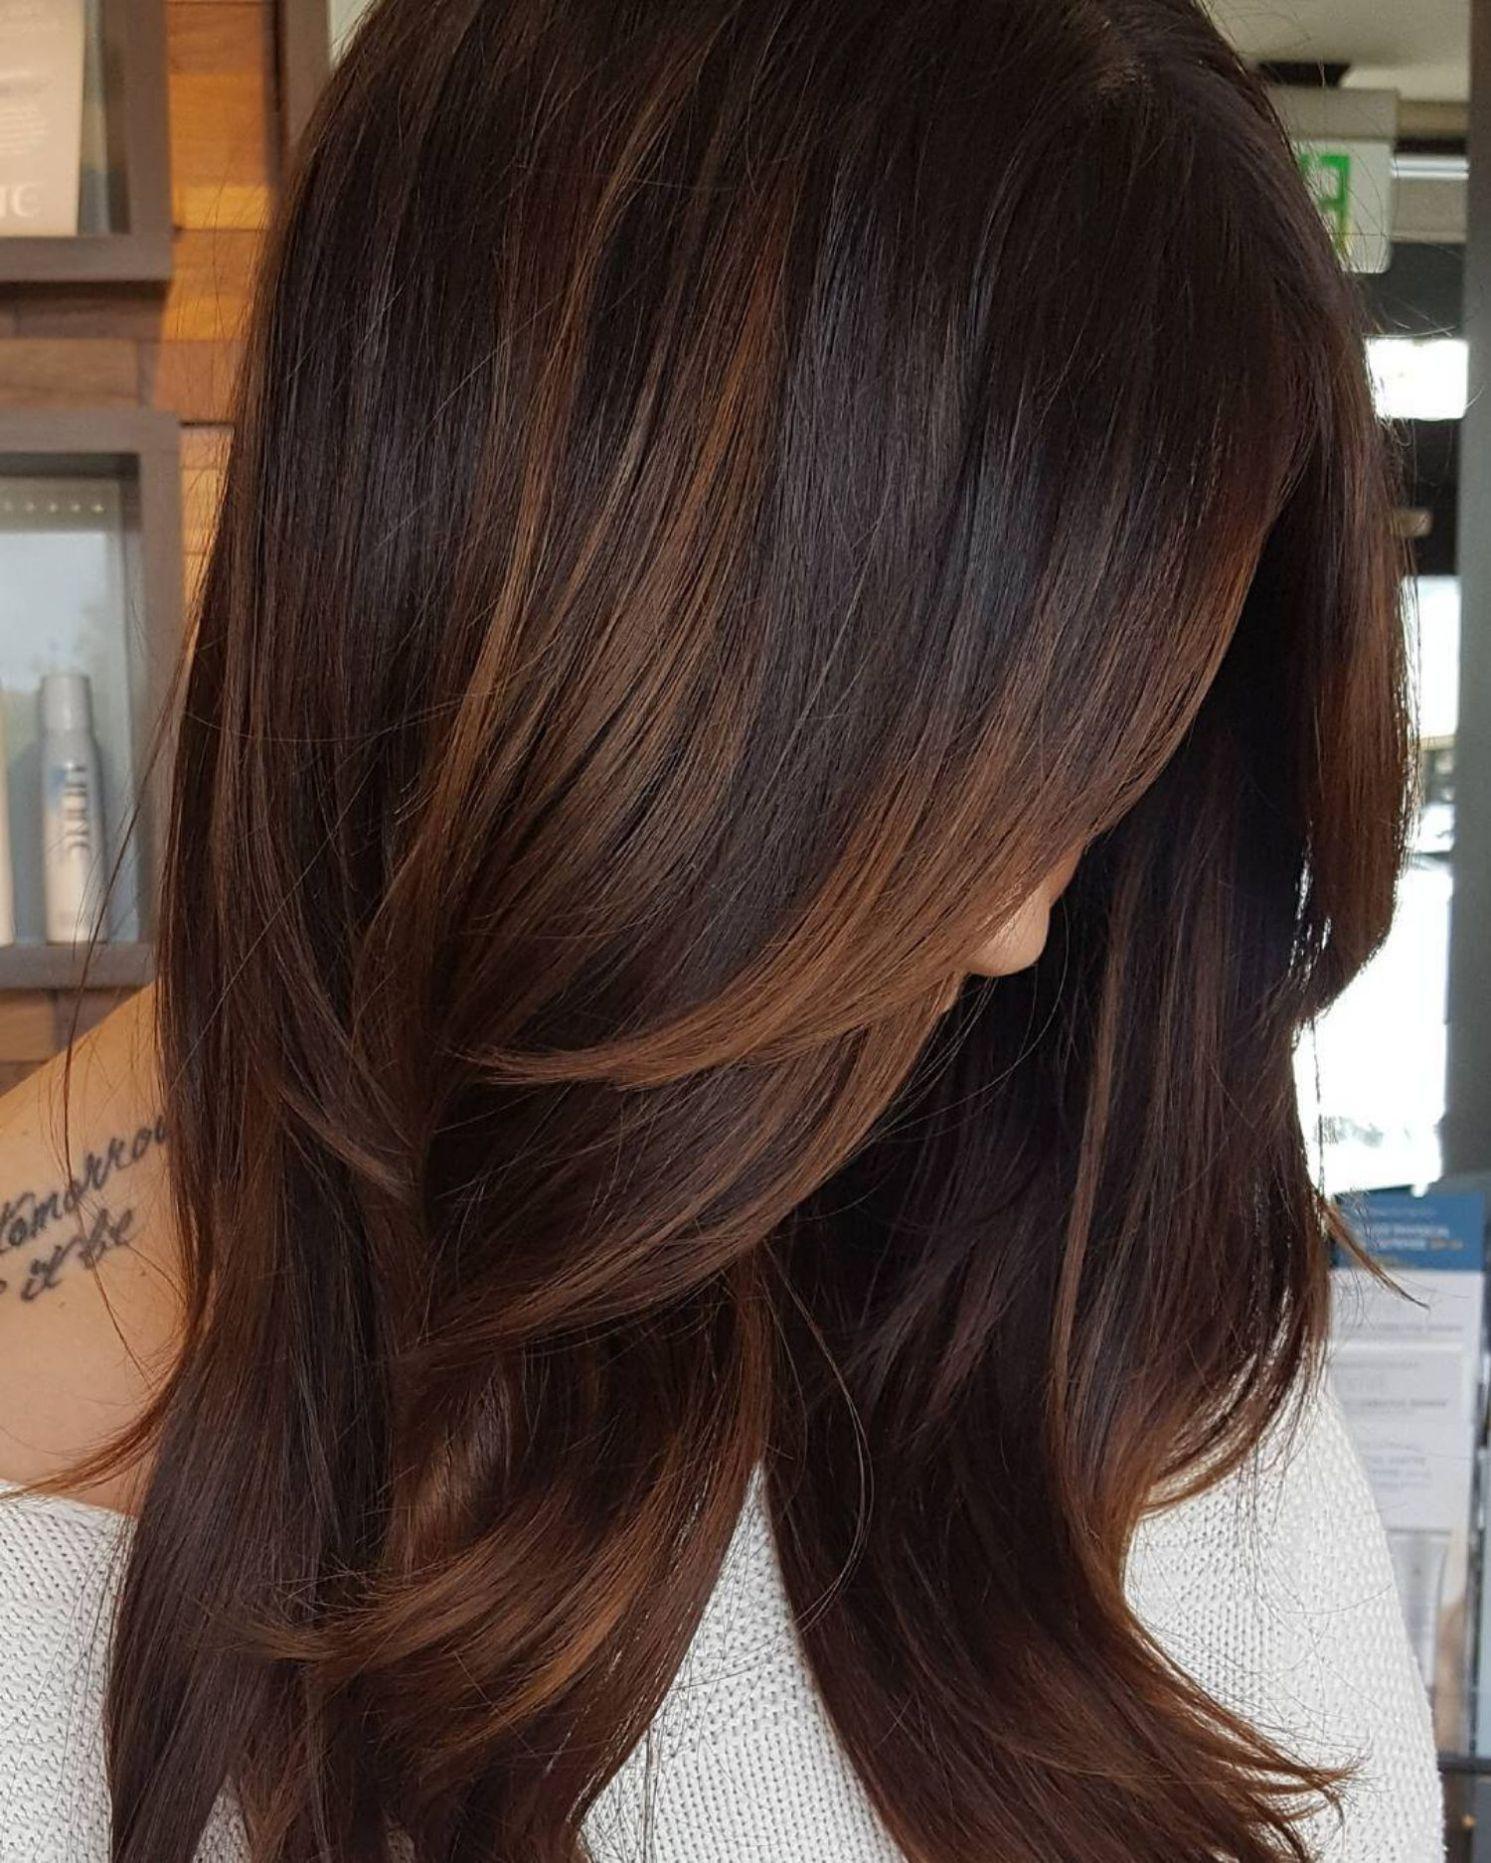 Copper Highlights For Dark Hair Brown Hair With Highlights Dark Hair With Highlights Hair Styles